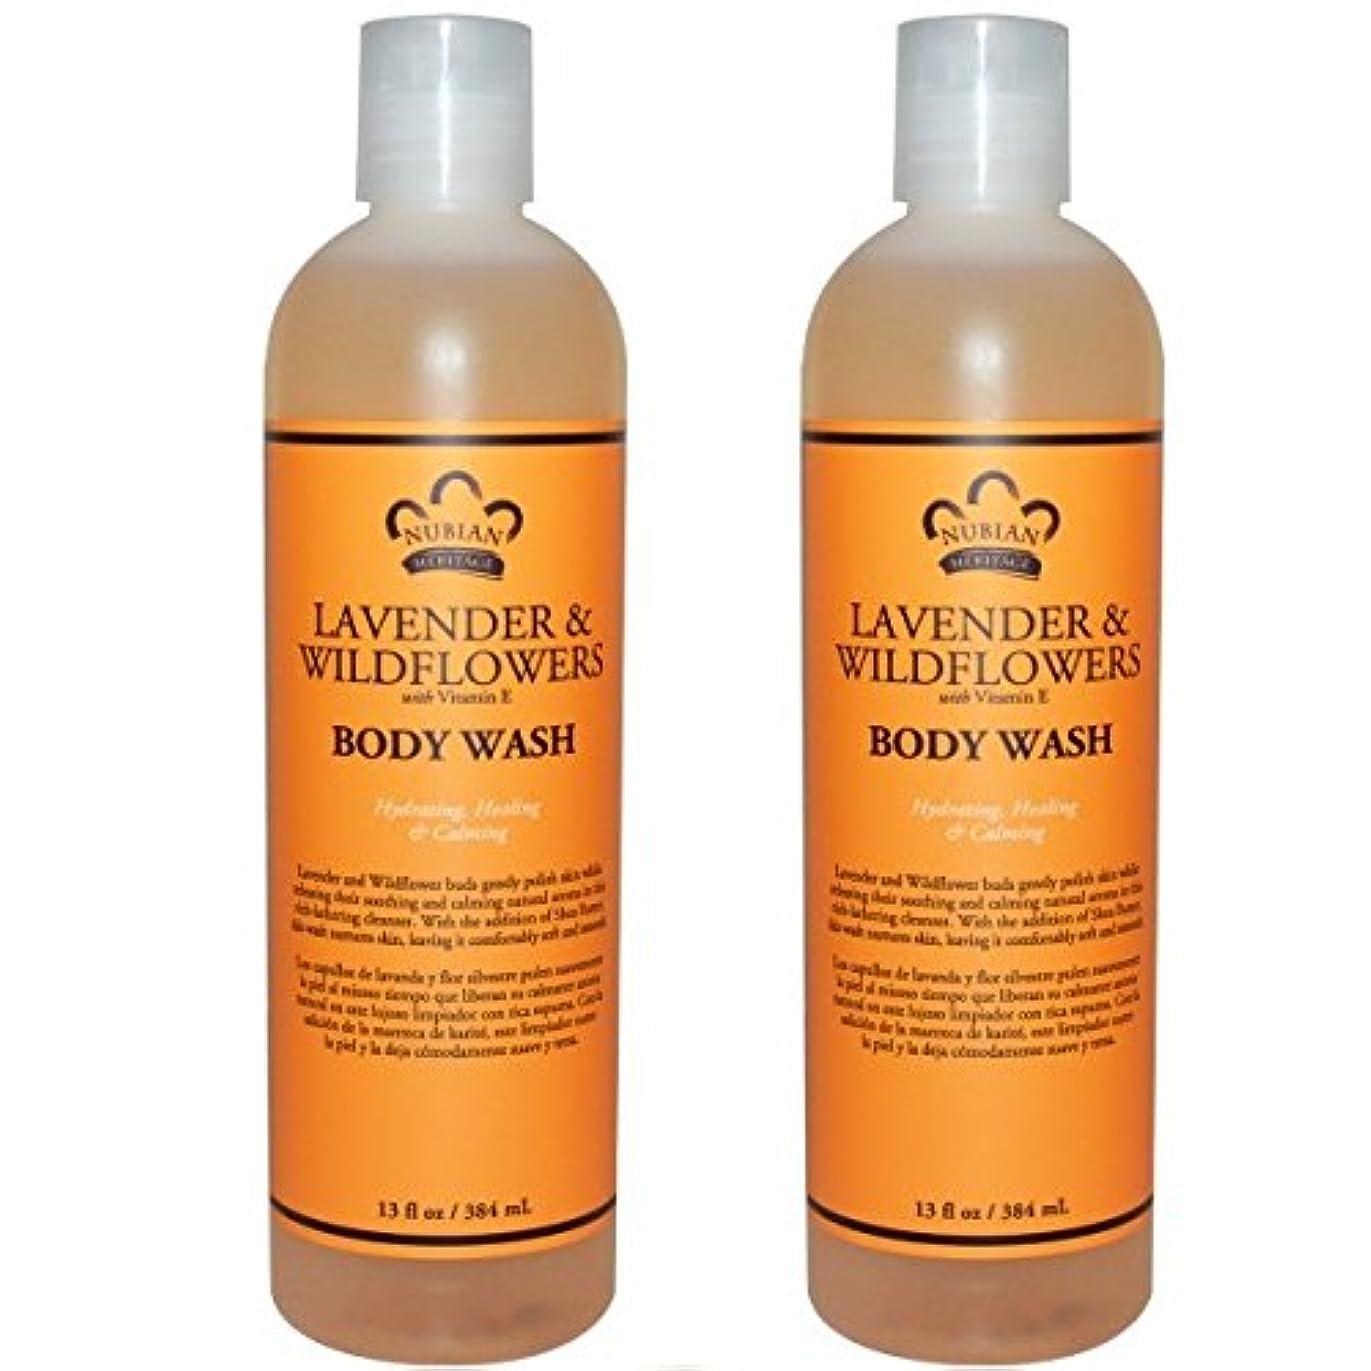 手段吐き出す恋人【海外直送品】【2本】Nubian Heritage Body Wash Relaxing & Nourishing, Lavender & Wildflowers - 13 fl oz (384 ml)